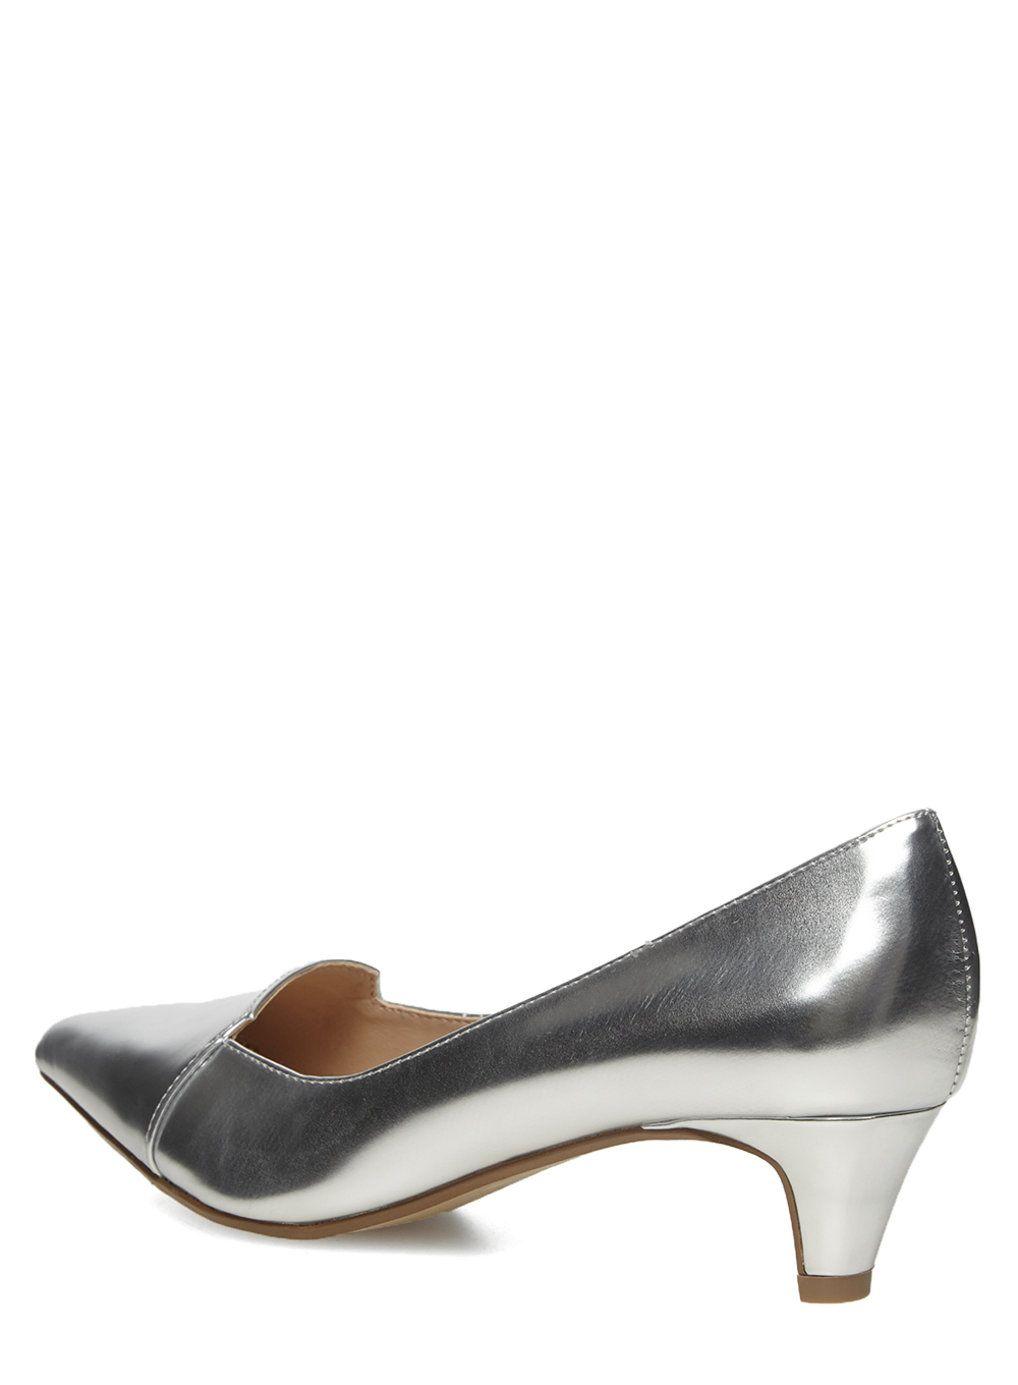 bdfd5232549 Silver kitten heel court Shoes